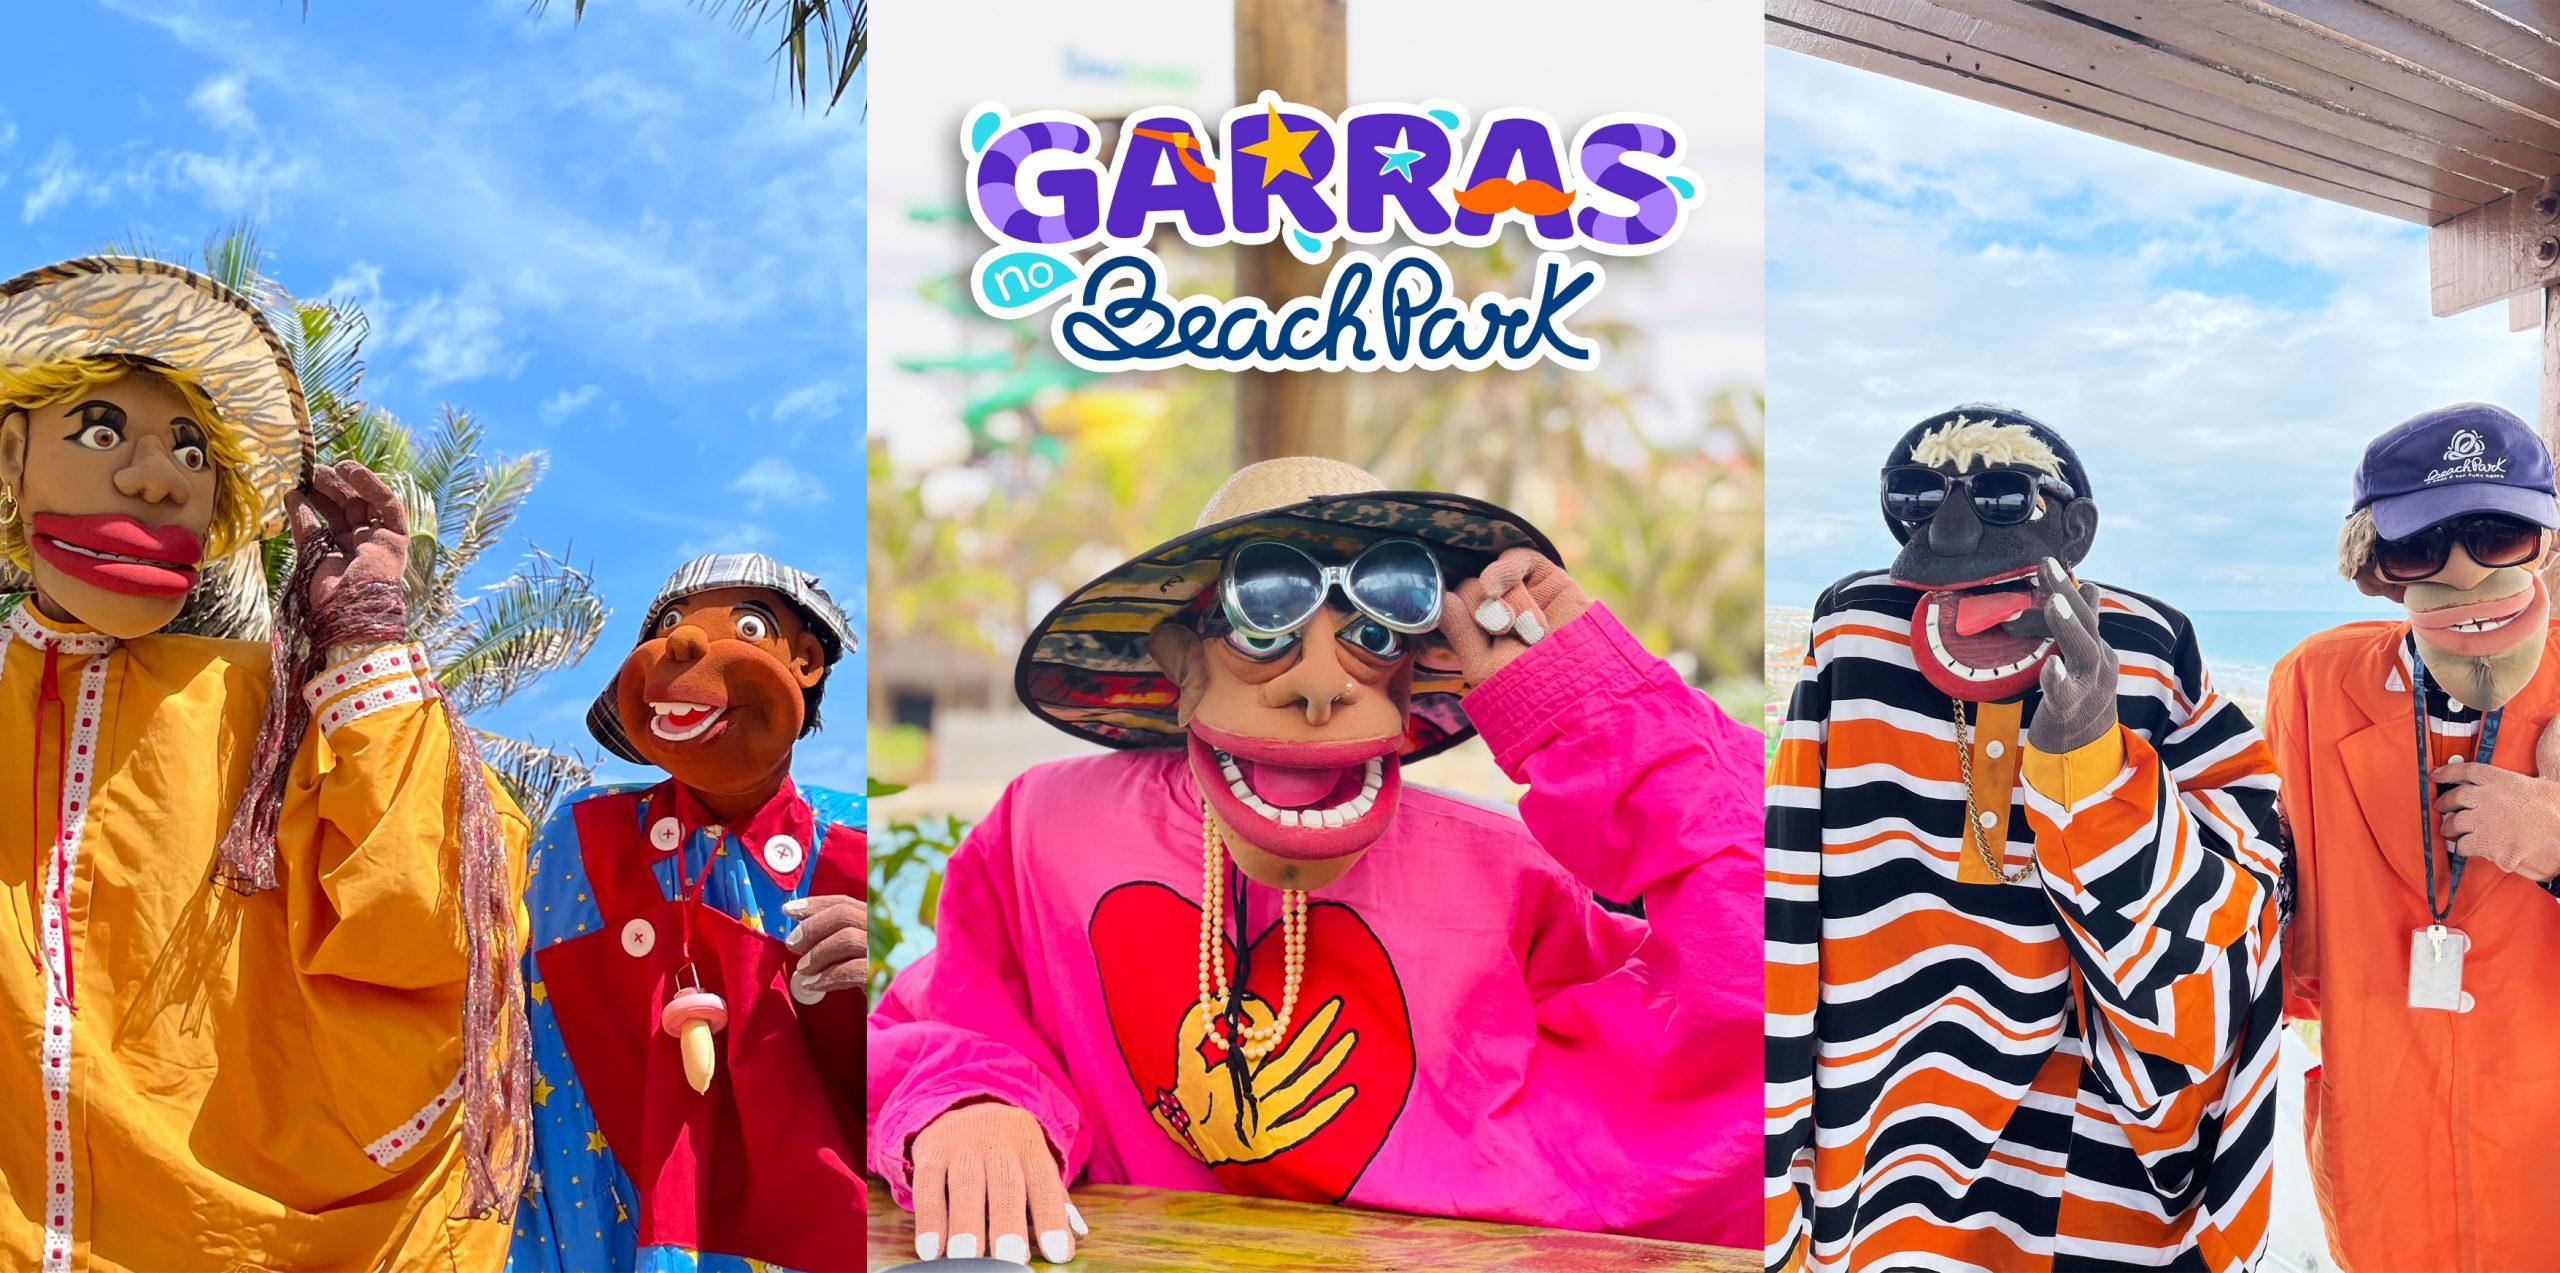 Nova campanha do Beach Park é estrelada pelos personagens Nas Garras da Patrulha